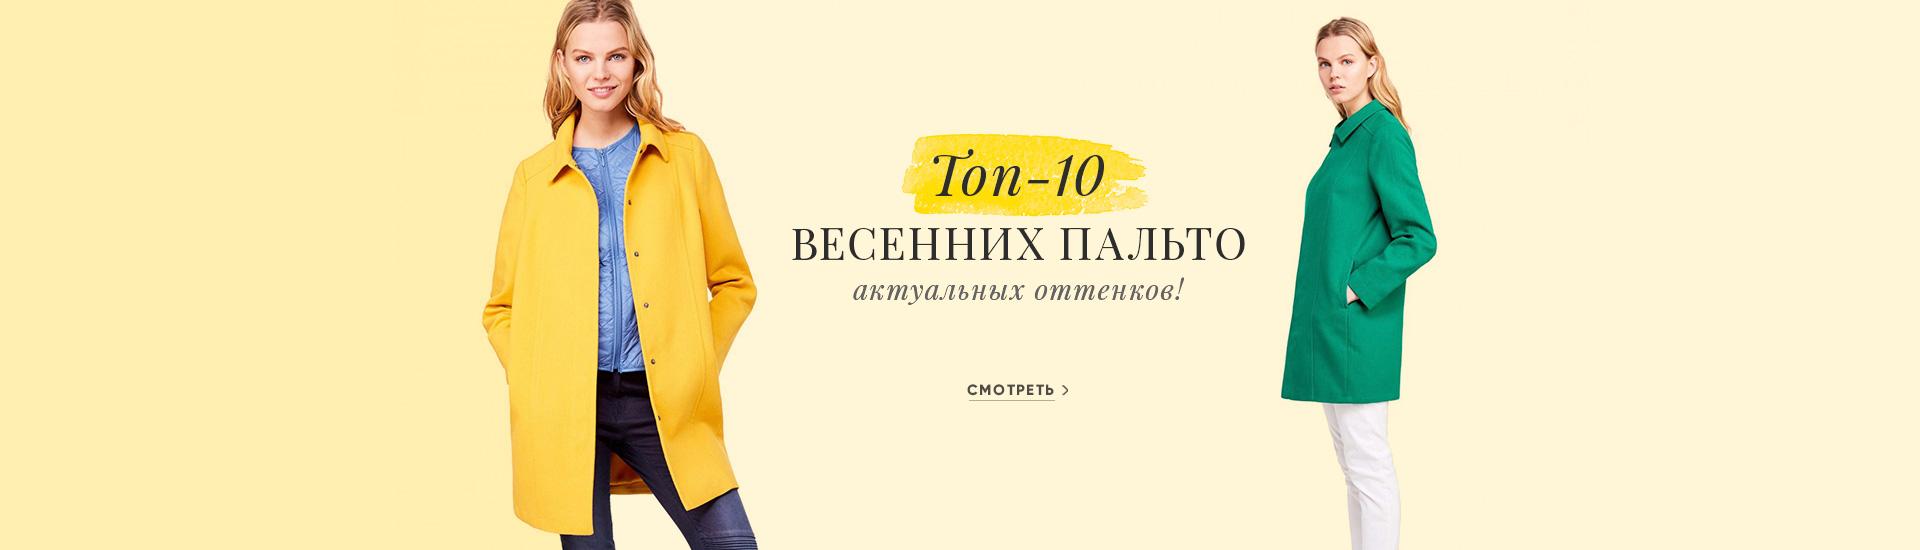 Топ-10 весенних пальто